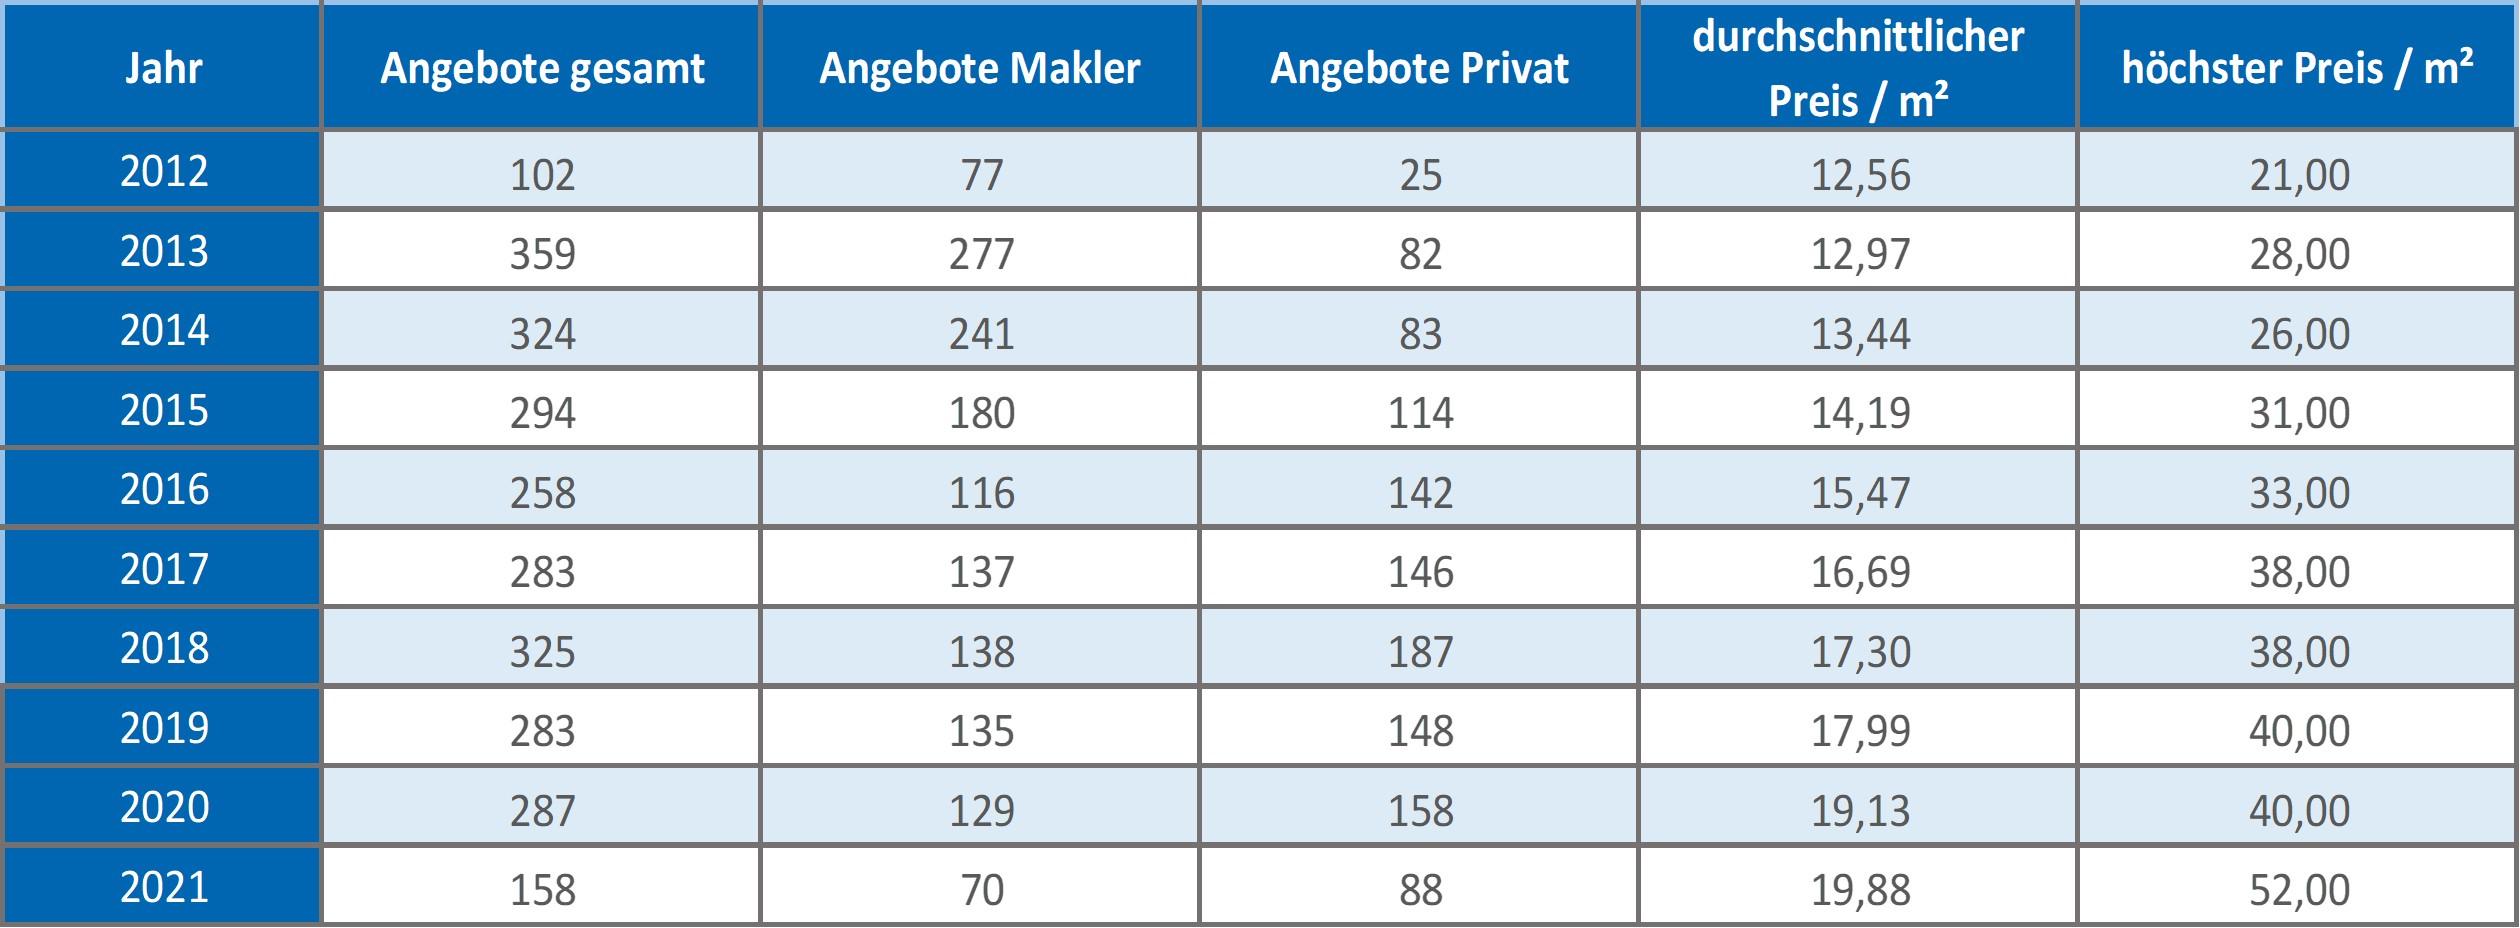 München - Forstenried Wohnung mieten vermieten Preis Bewertung Makler 2019 2020 2021 www.happy-immo.de